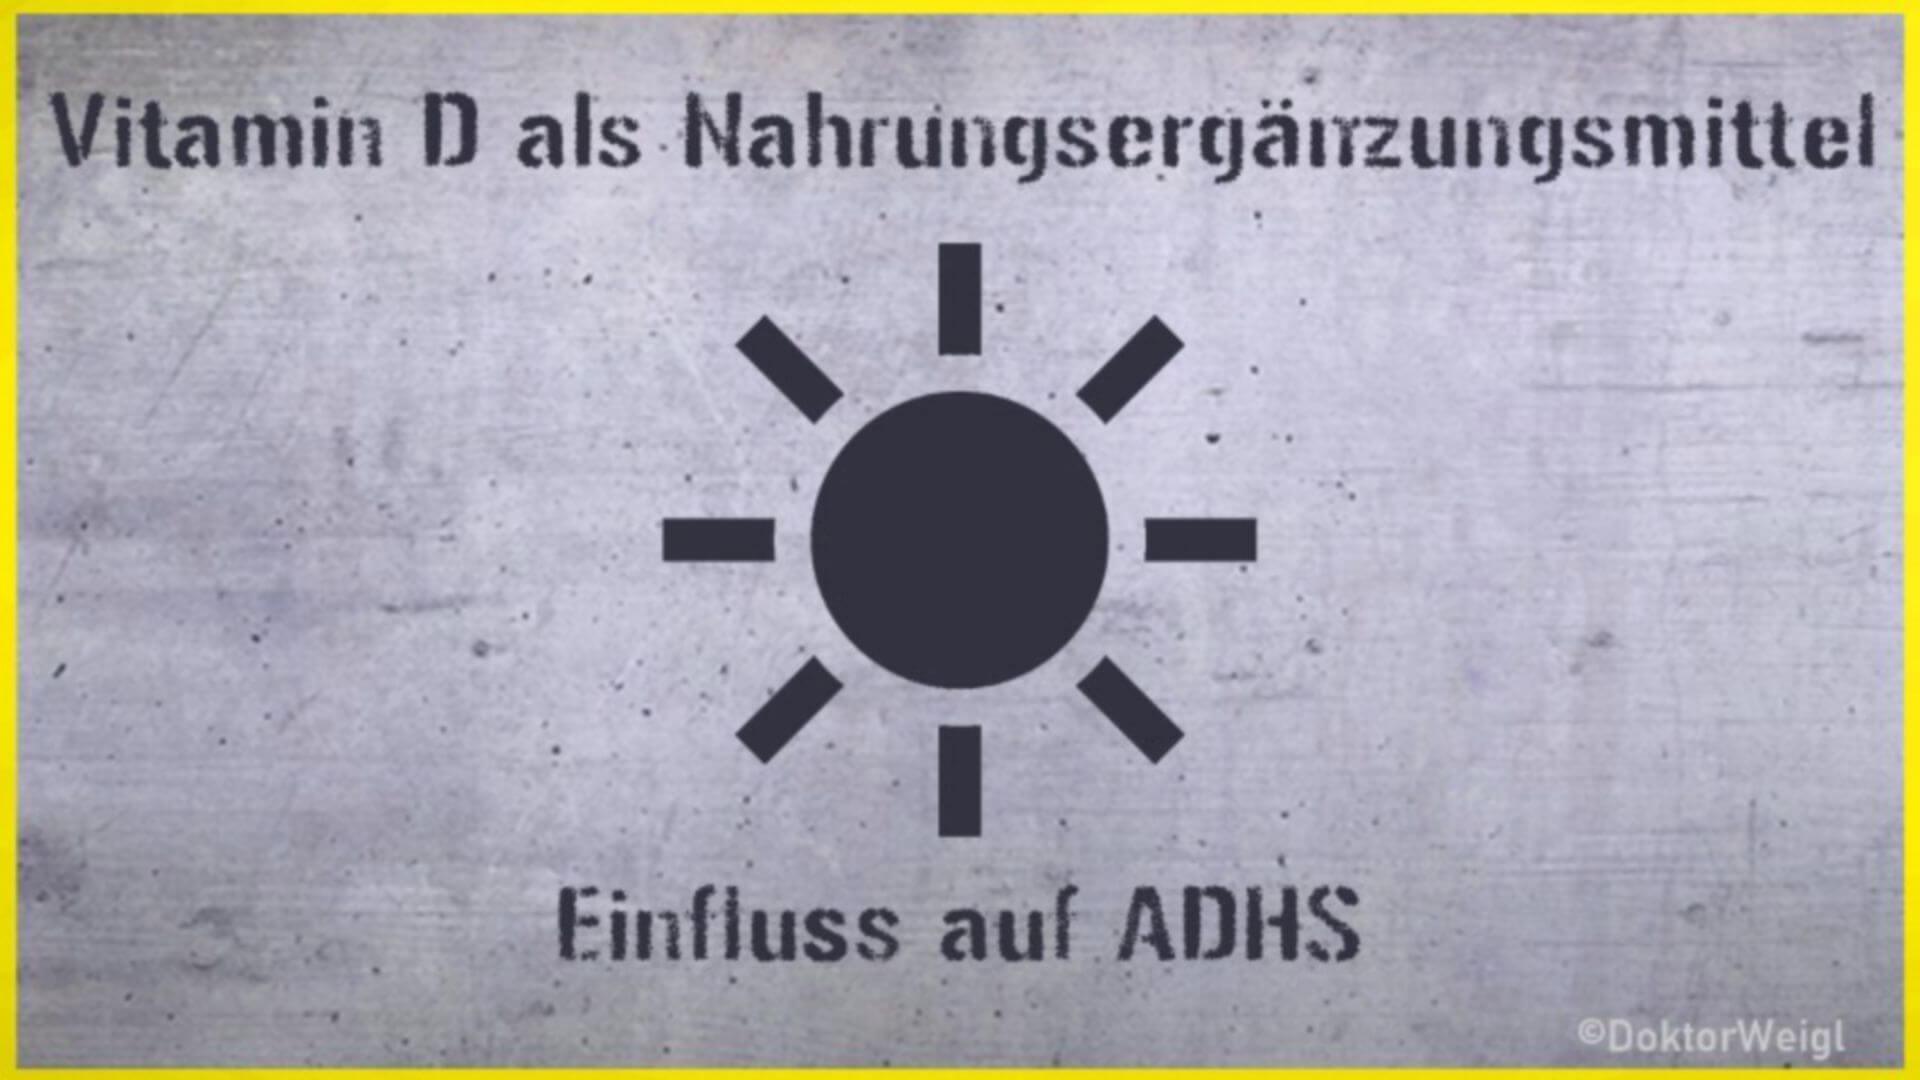 Helfen Vitamin D- und Magnesium-Präparate bei ADHS?